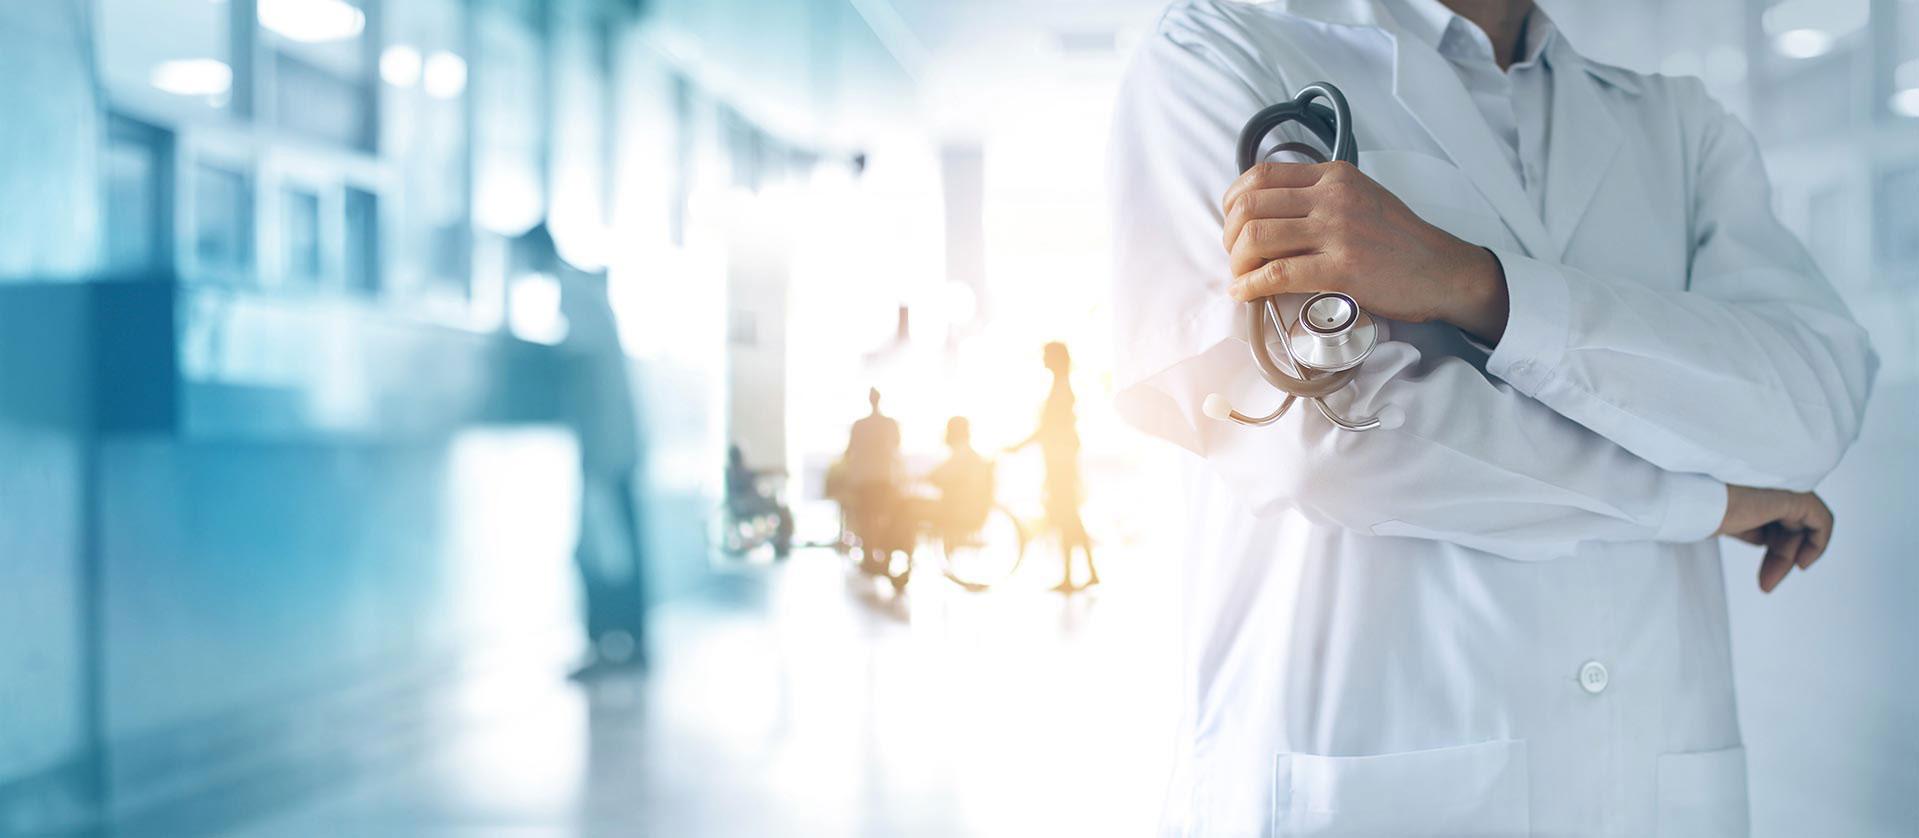 Klinik - Titelbild